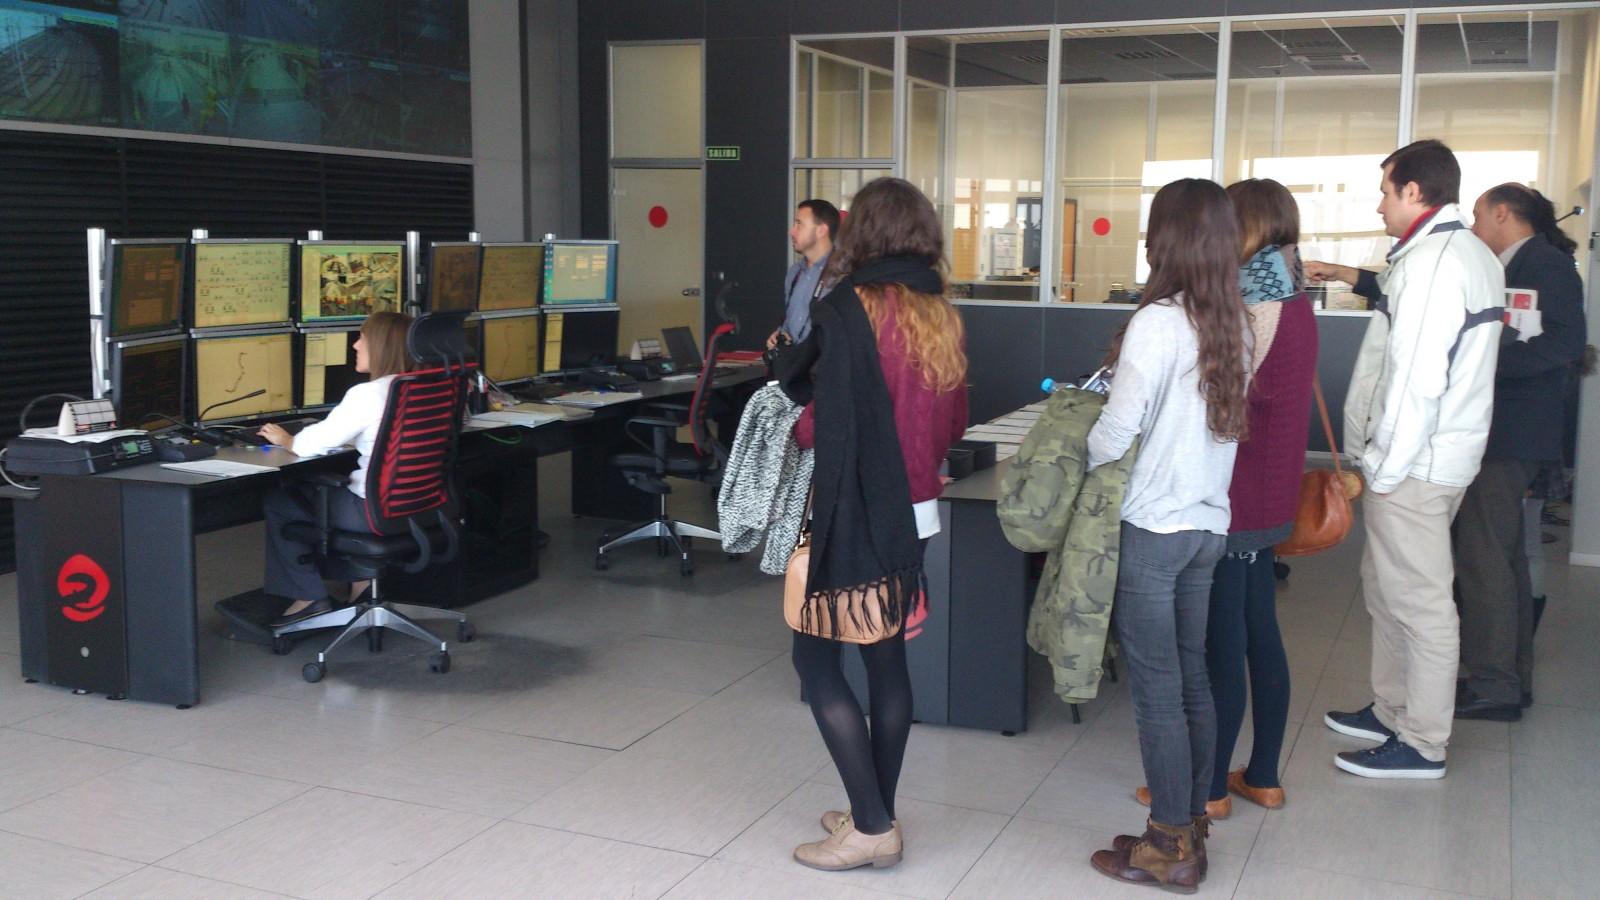 Los alumnos visitaron el Puesto de Control Central de Tranvías de Zaragoza, desde donde se vigila todo el sistema.